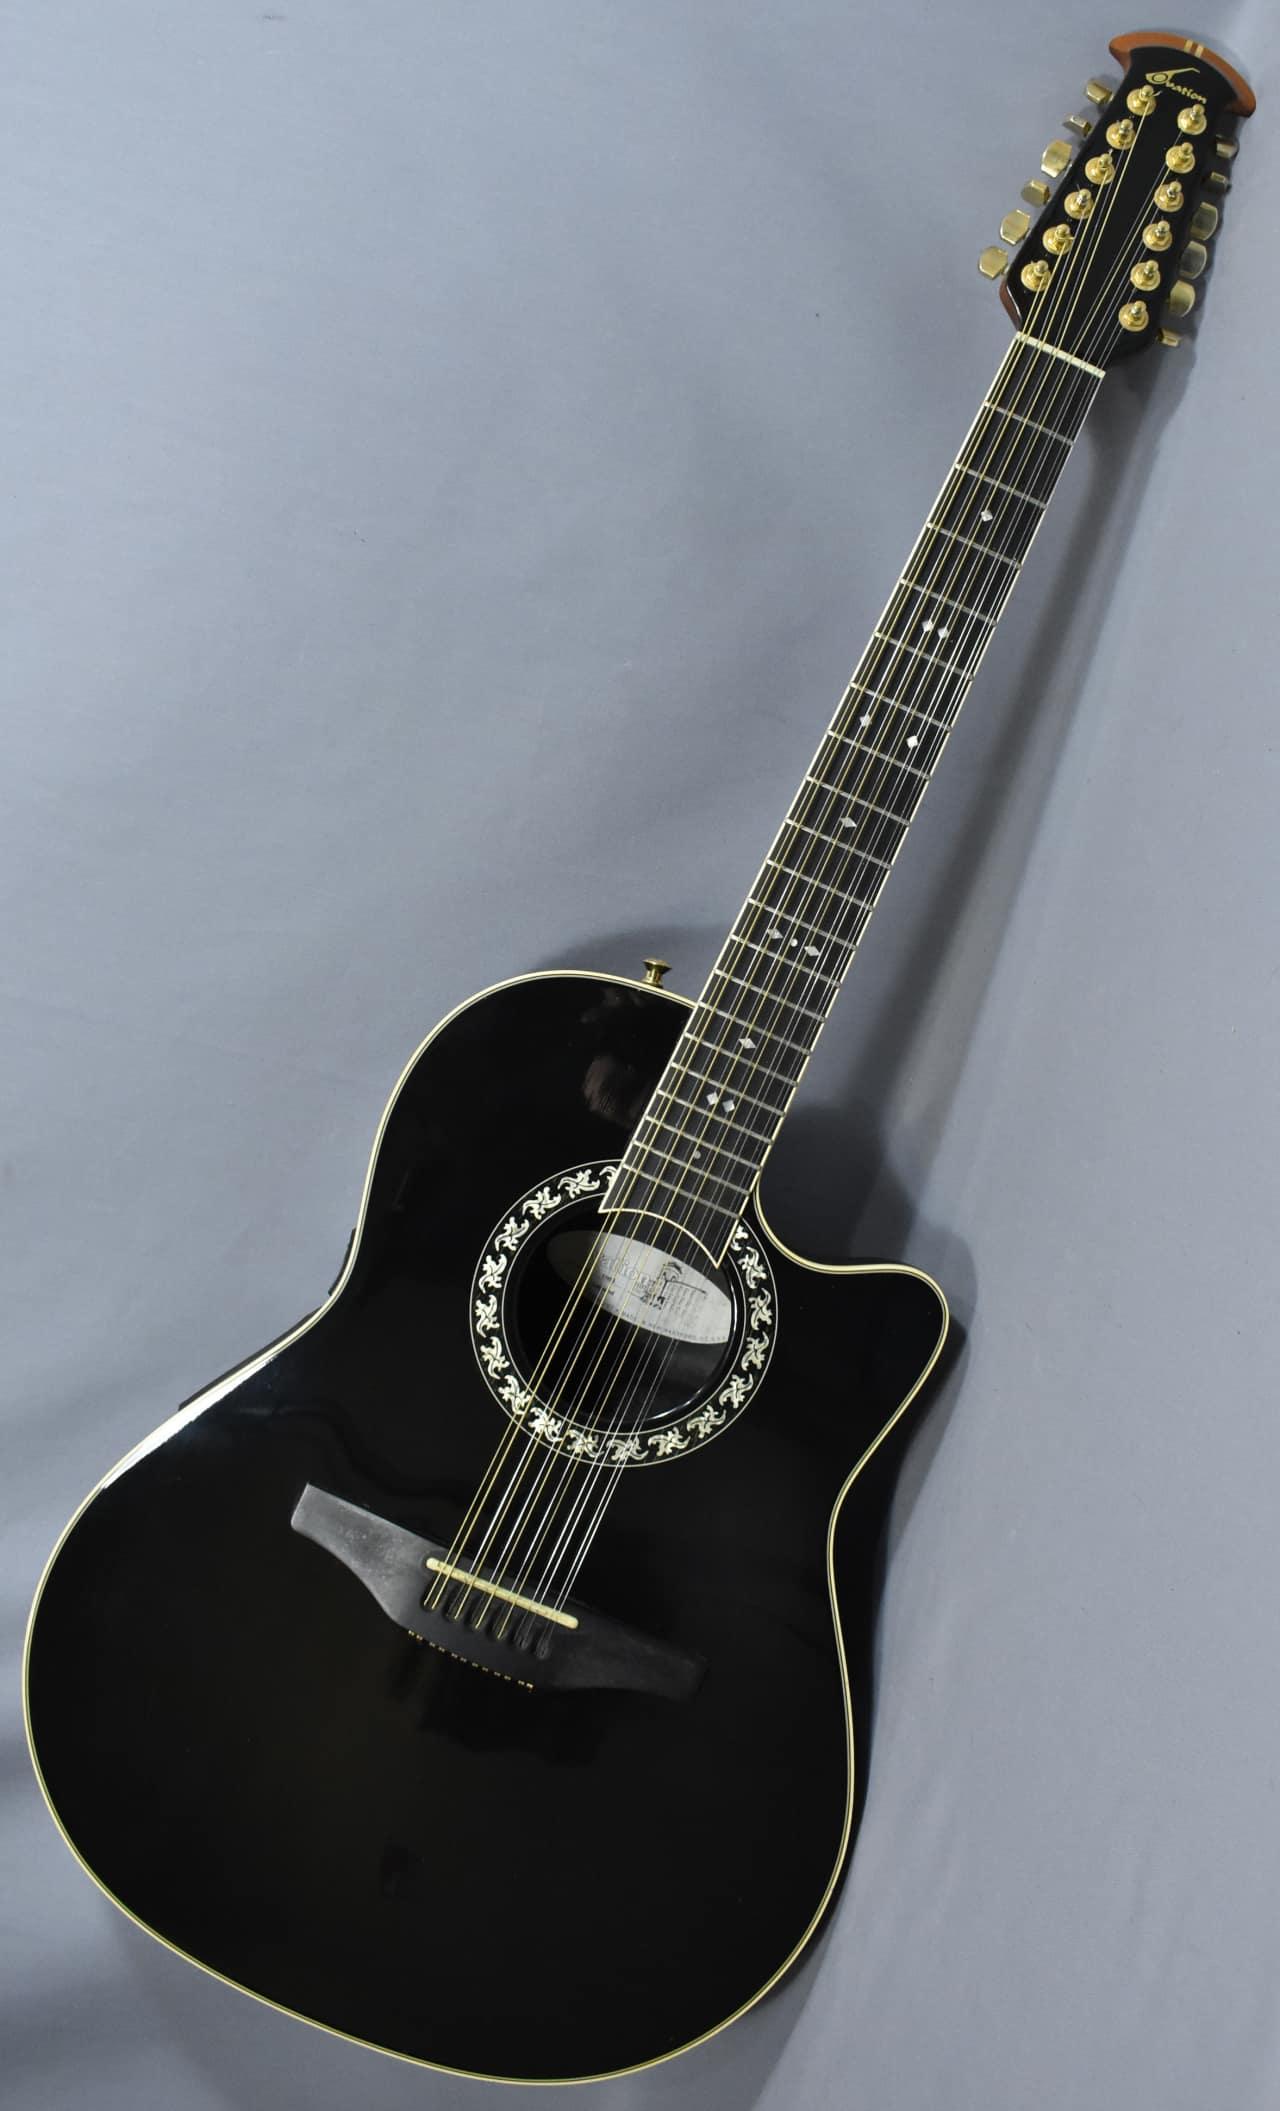 ovation legend model 1866 12 string acoustic electric guitar reverb. Black Bedroom Furniture Sets. Home Design Ideas